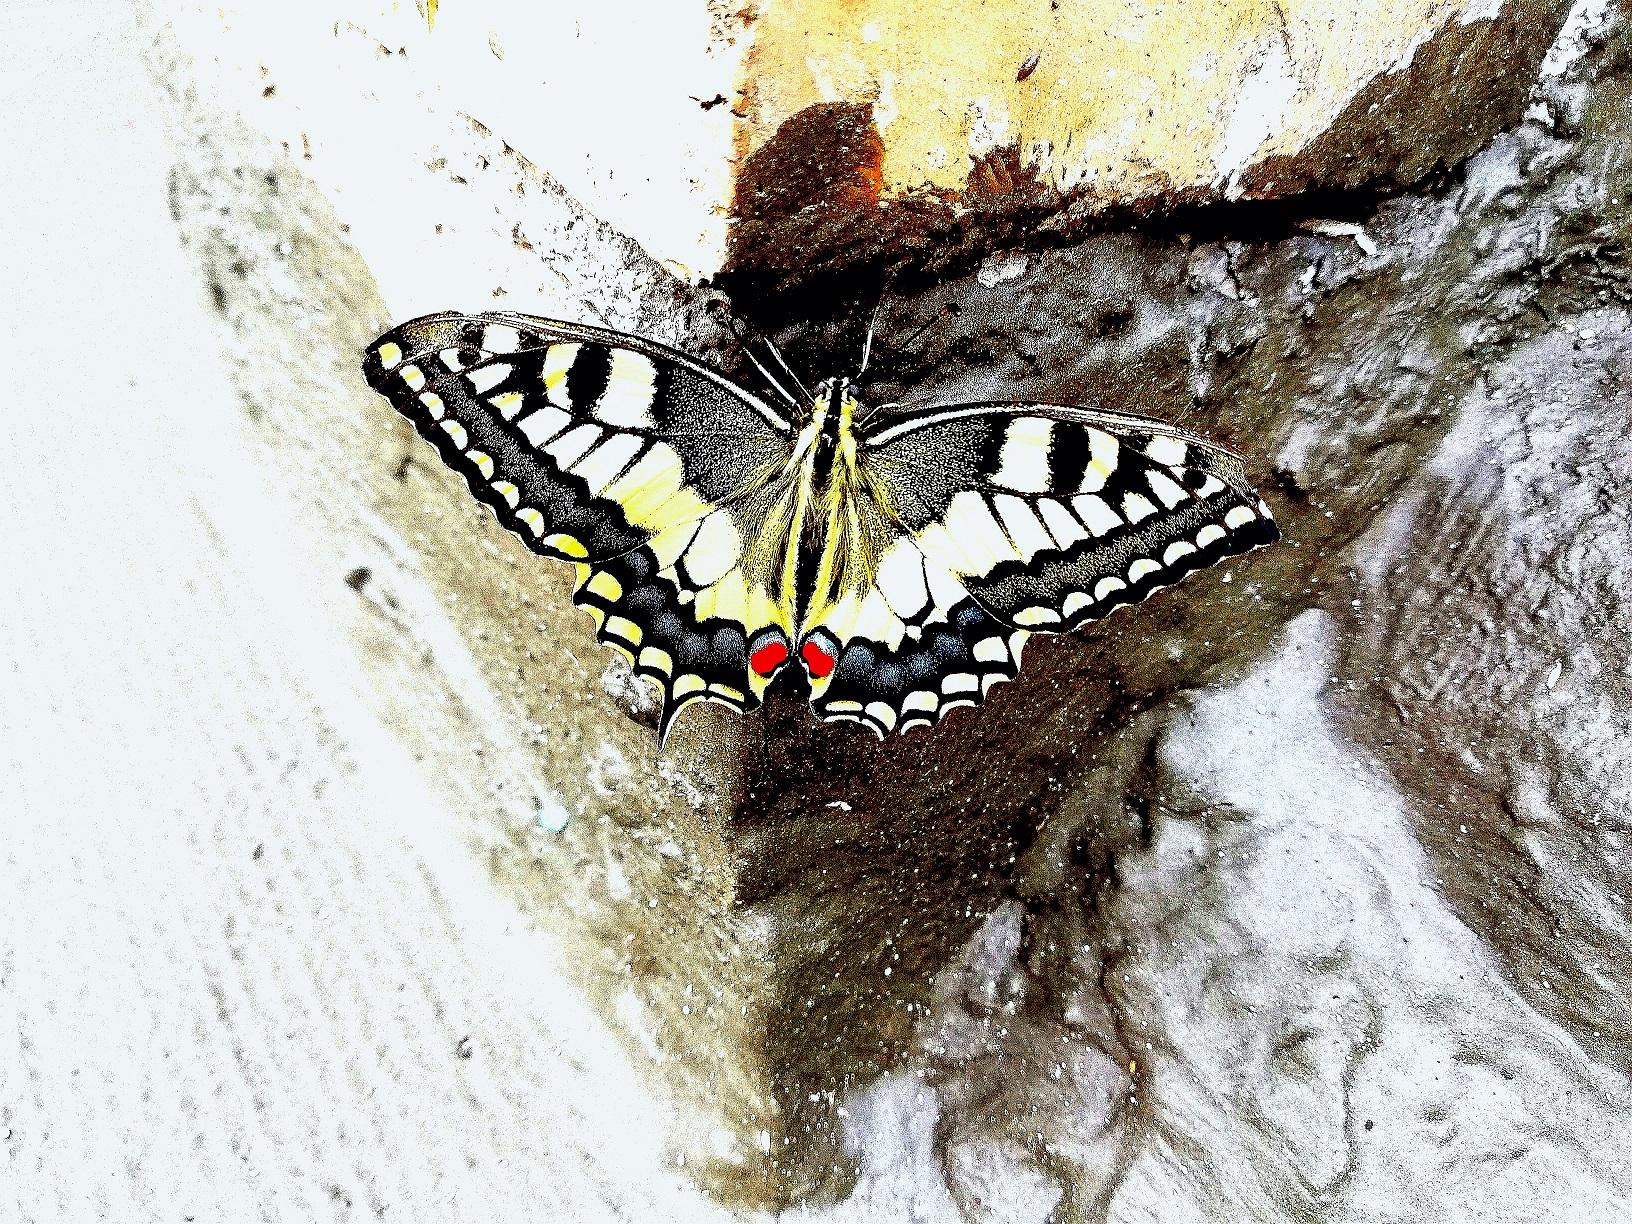 Sogno Coraggio. Eccola la farfalla, mentre dispiega le ali poco prima di volare via.